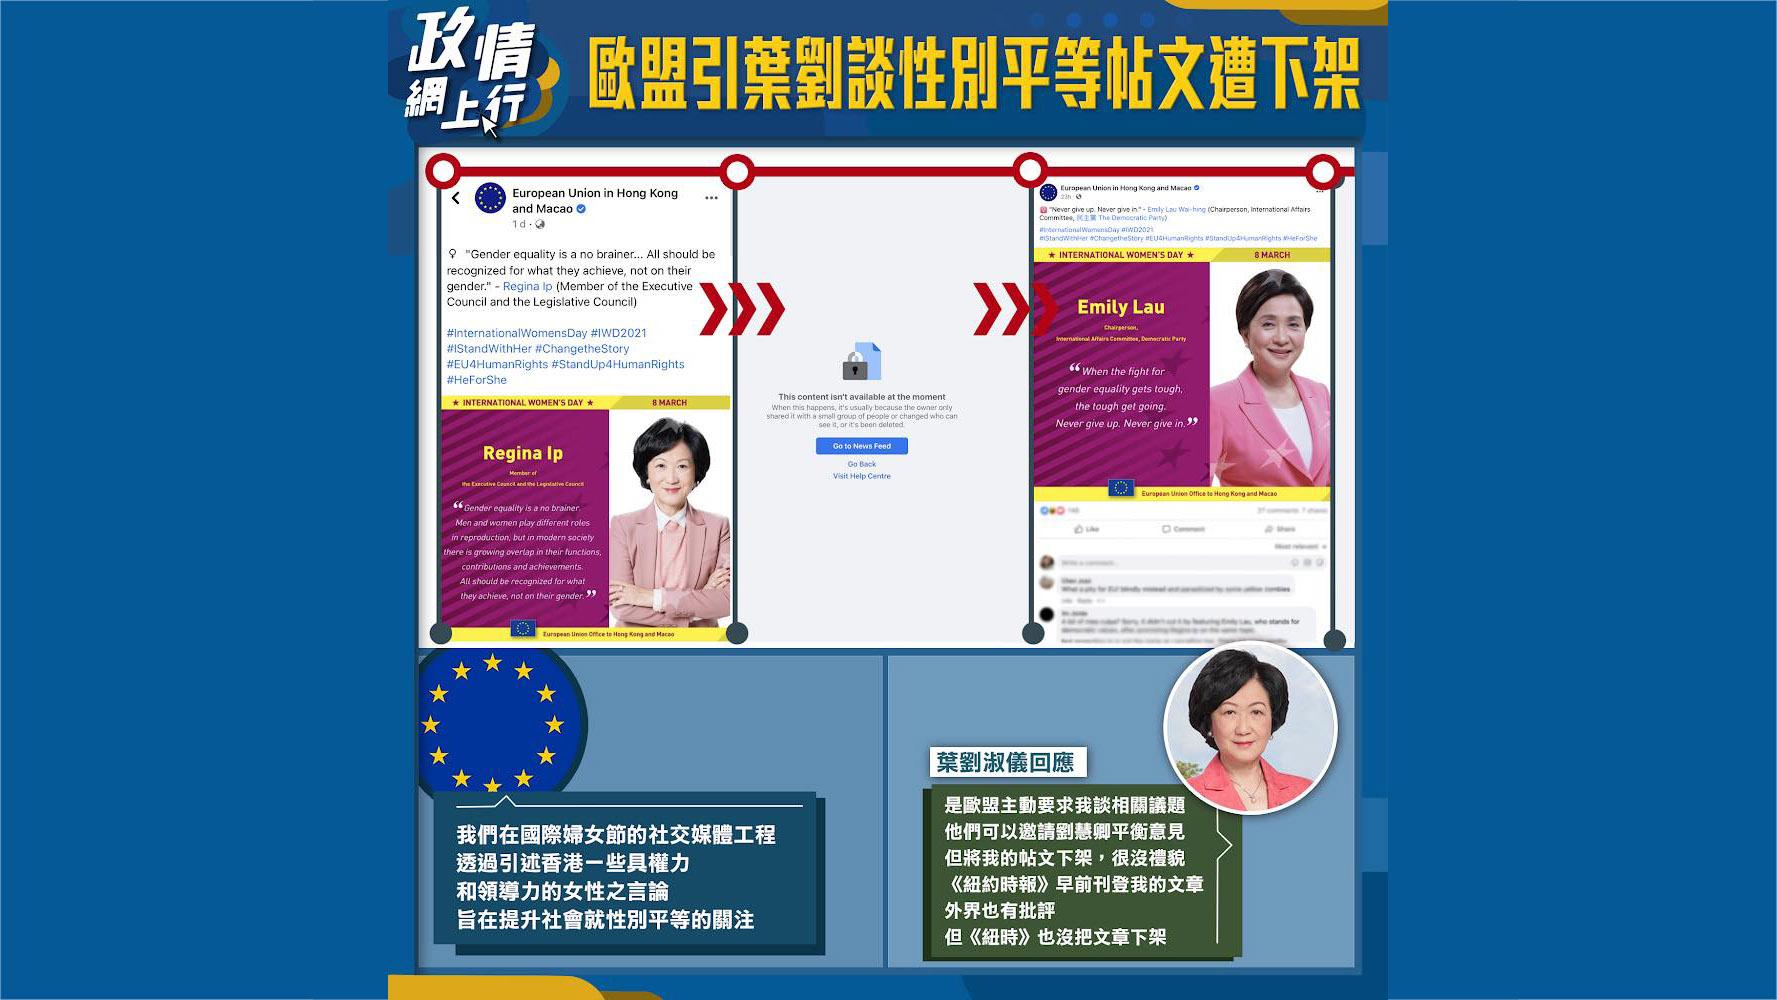 【政情網上行】歐盟引葉劉談性別平等帖文遭下架